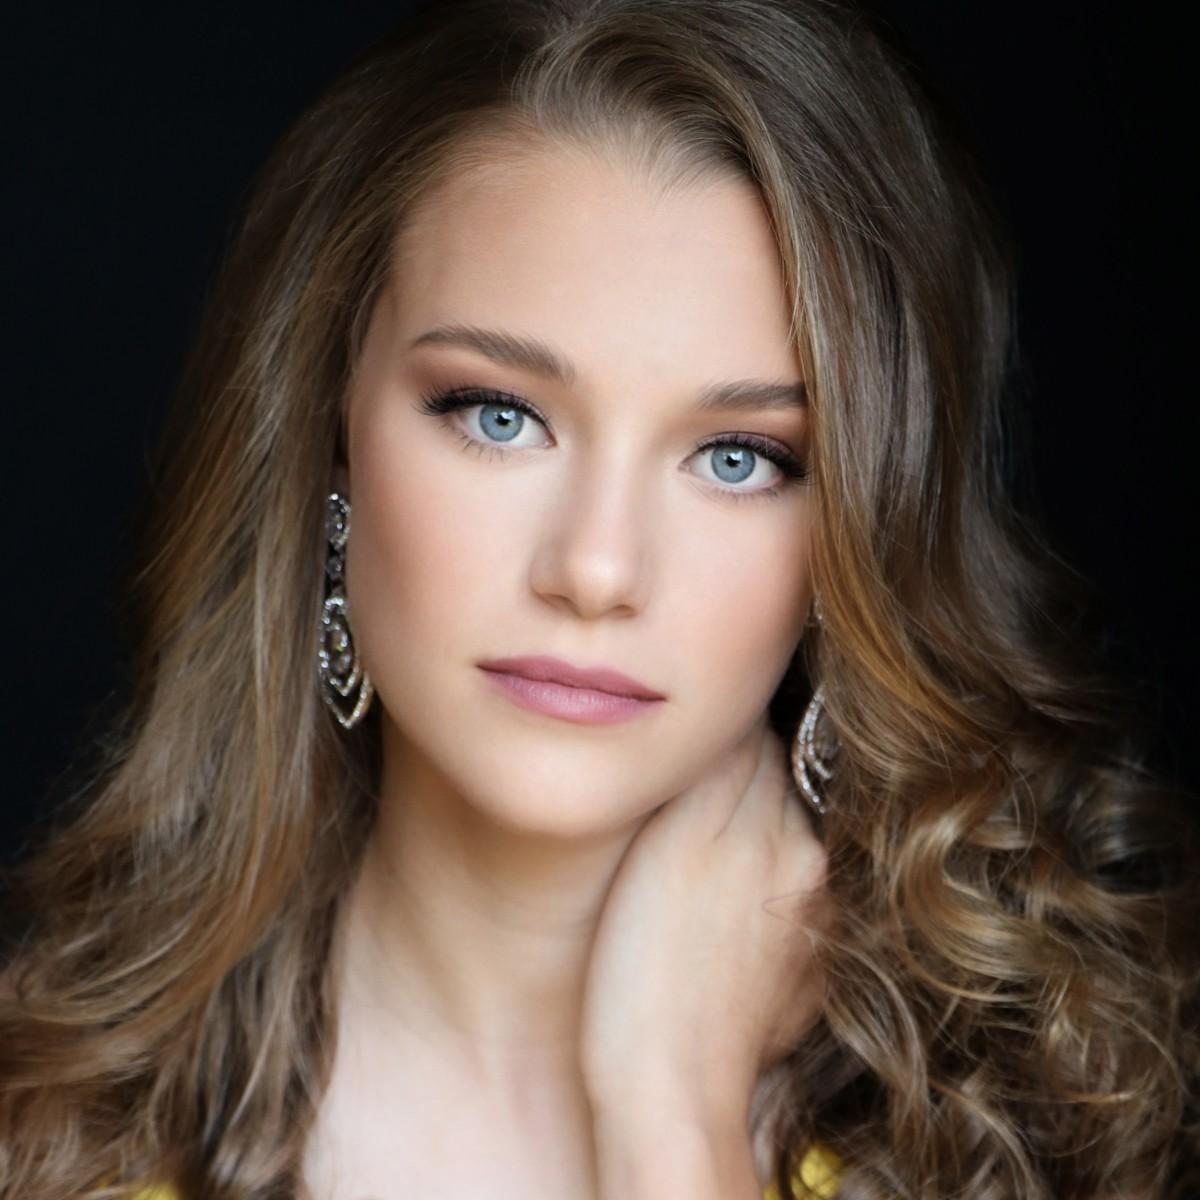 Allison Coleman